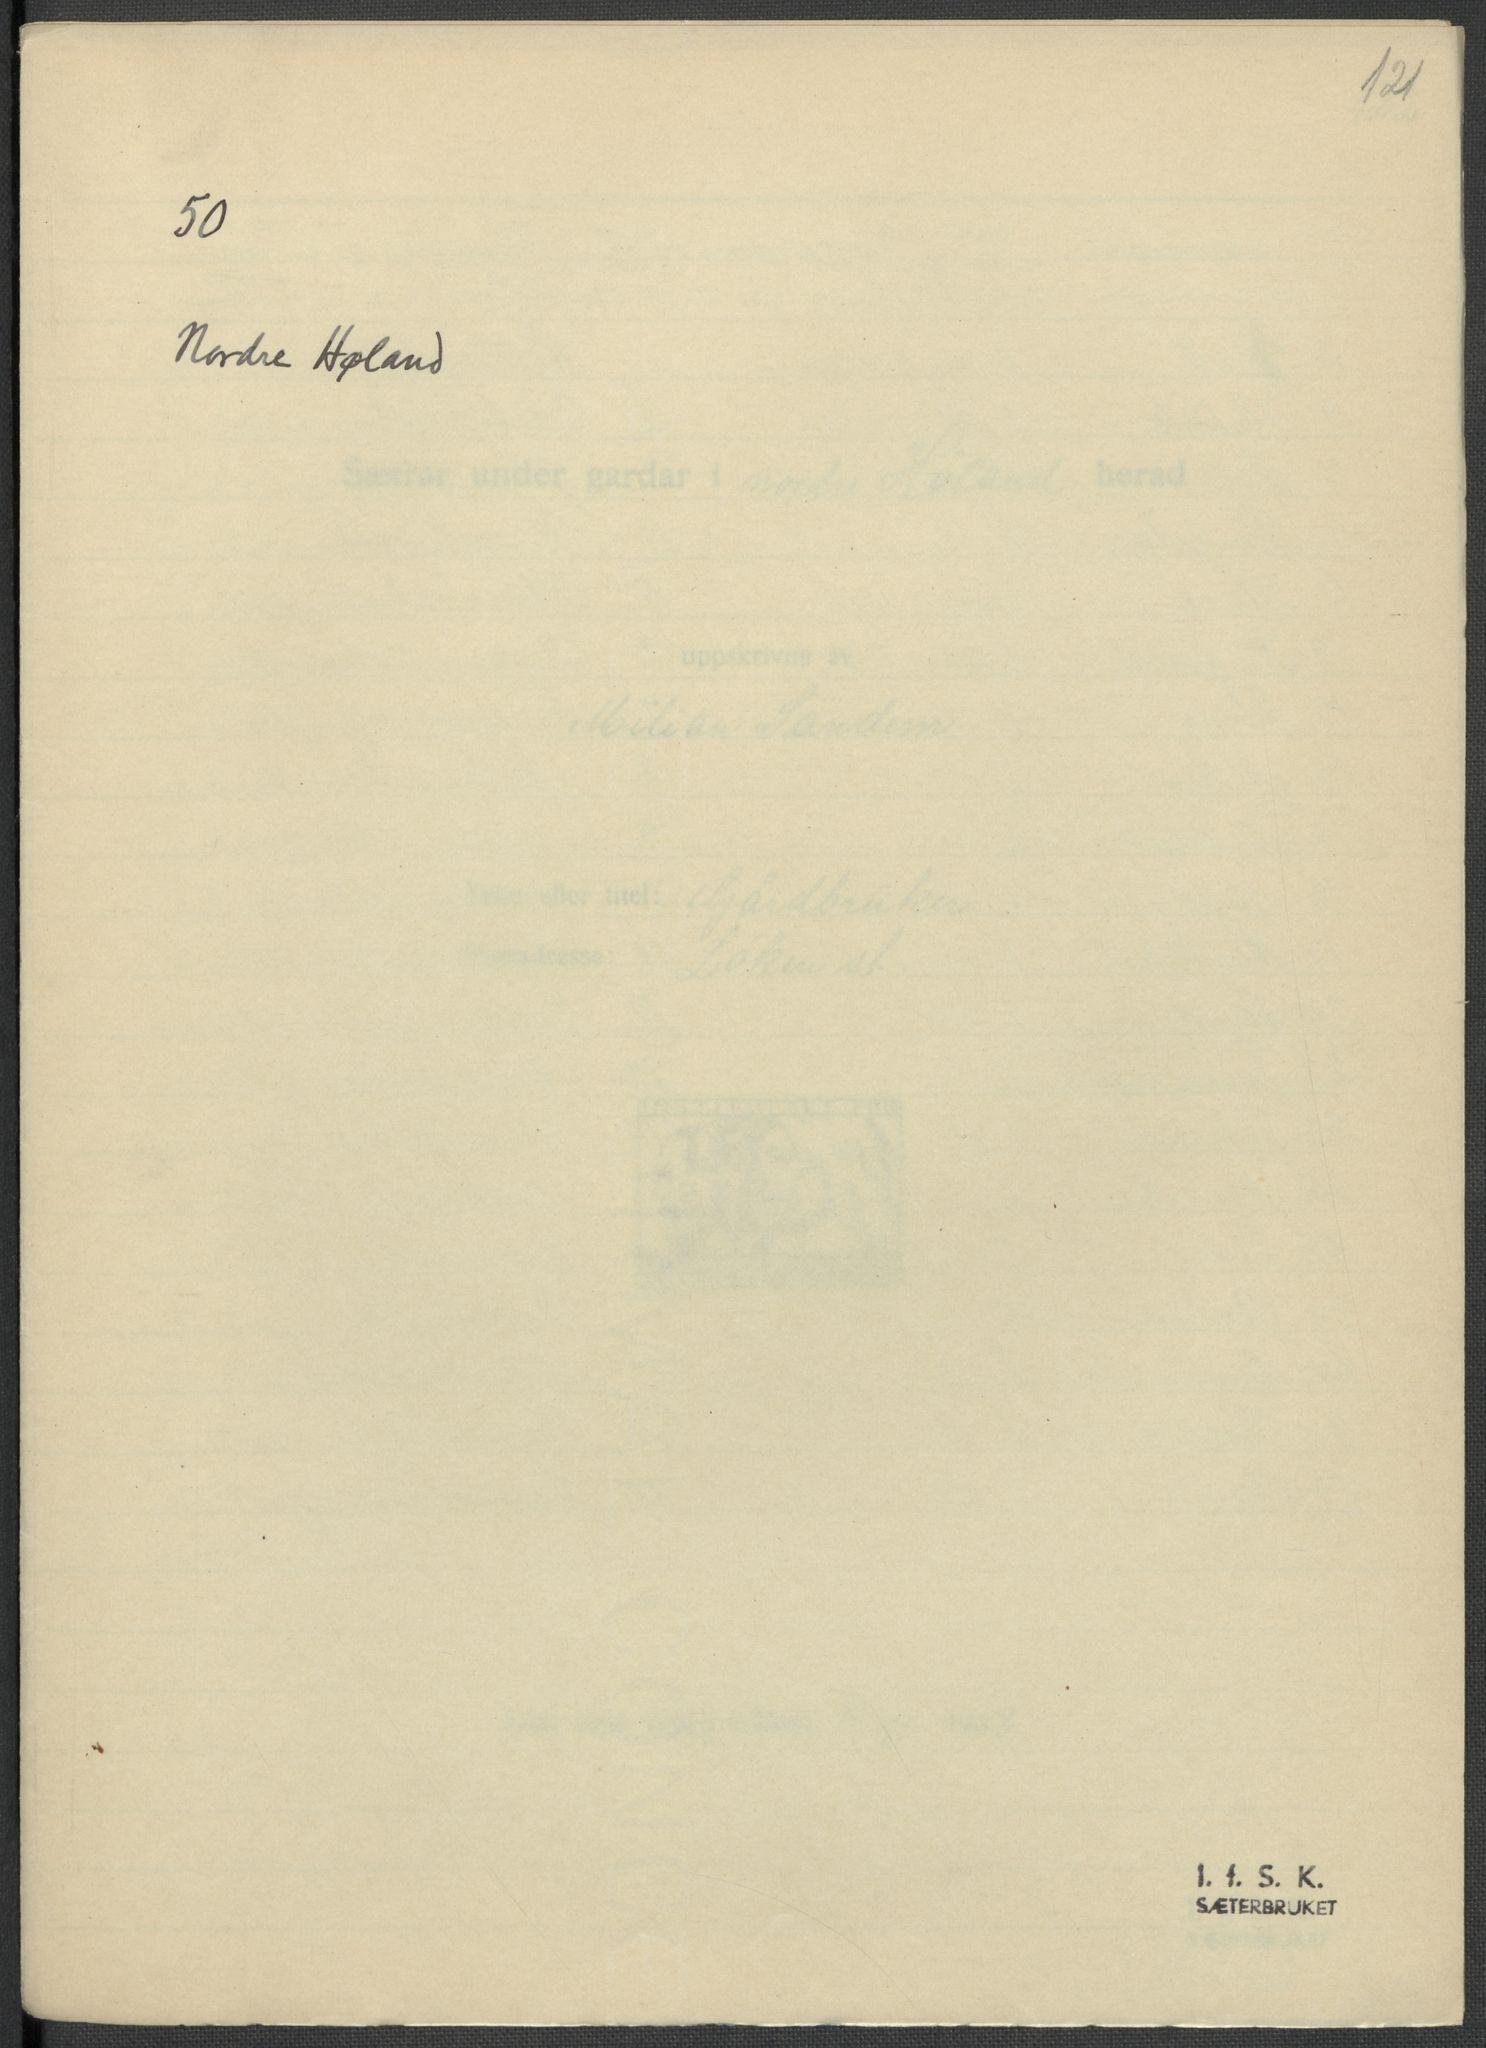 RA, Instituttet for sammenlignende kulturforskning, F/Fc/L0002: Eske B2:, 1932-1936, s. 121